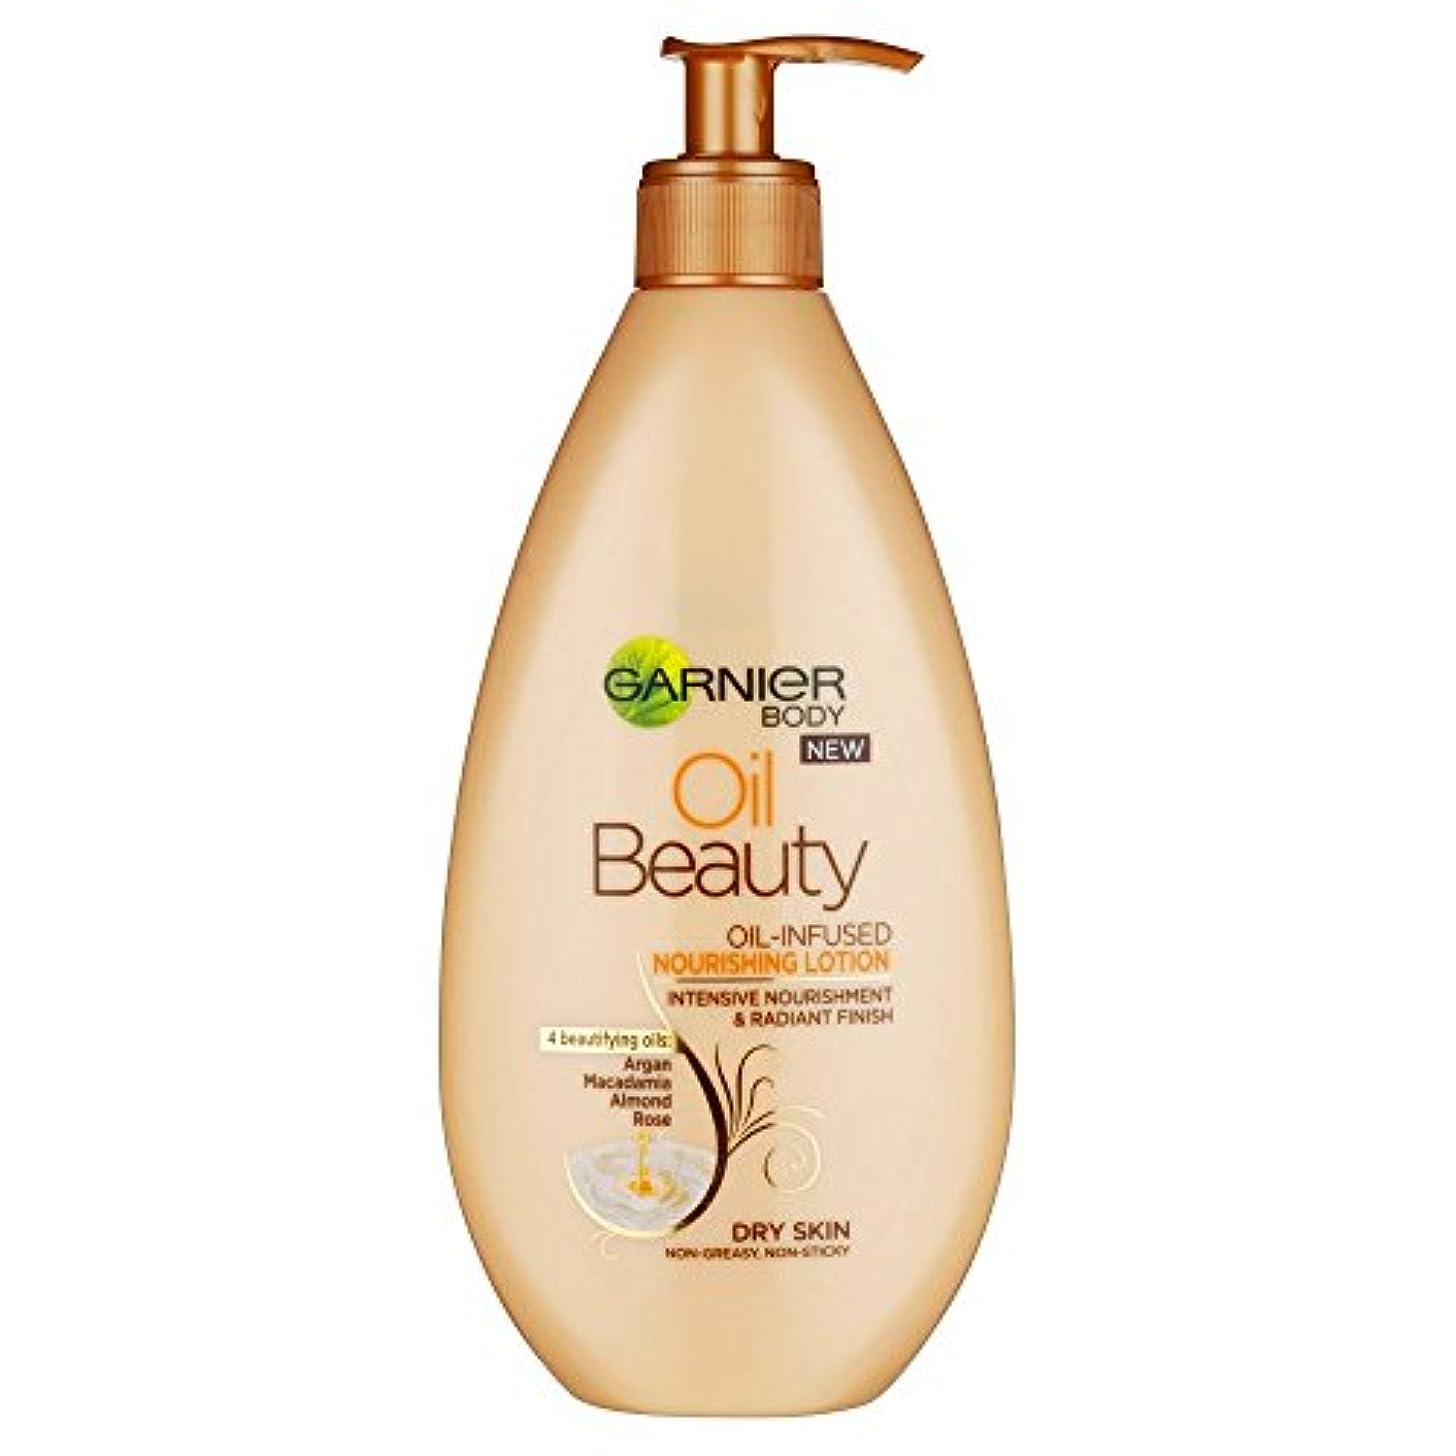 溶岩タンザニアナラーバーGarnier Oil Beauty Nourishing Lotion (400ml) ガルニエオイル美栄養化粧水( 400ミリリットル) [並行輸入品]